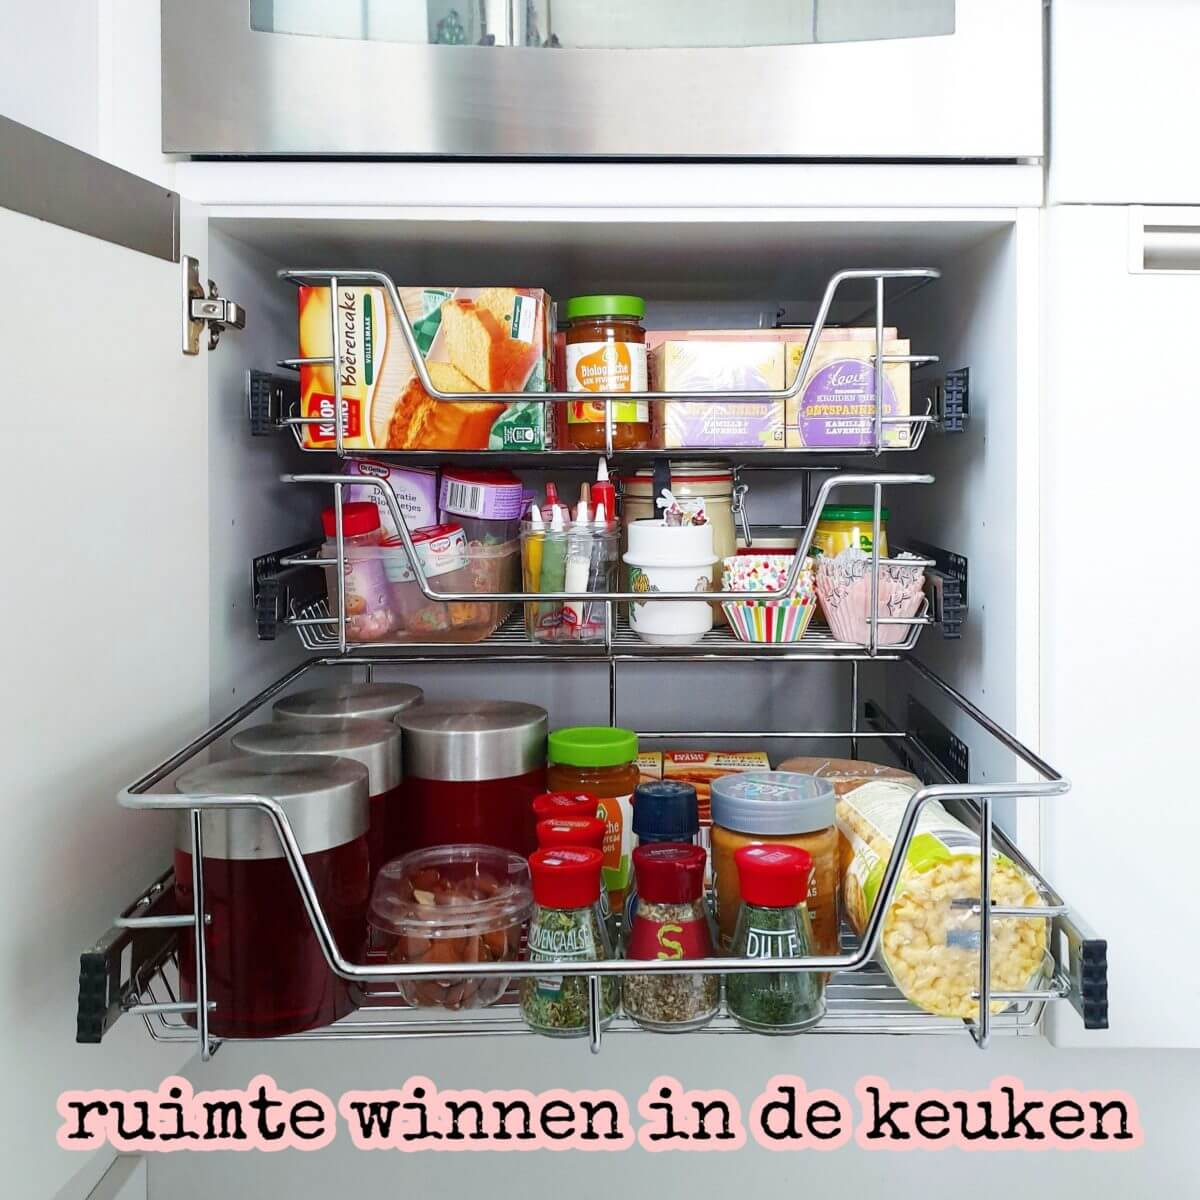 Ruimte winnen in de keuken: schuiflades voor in je keukenkast